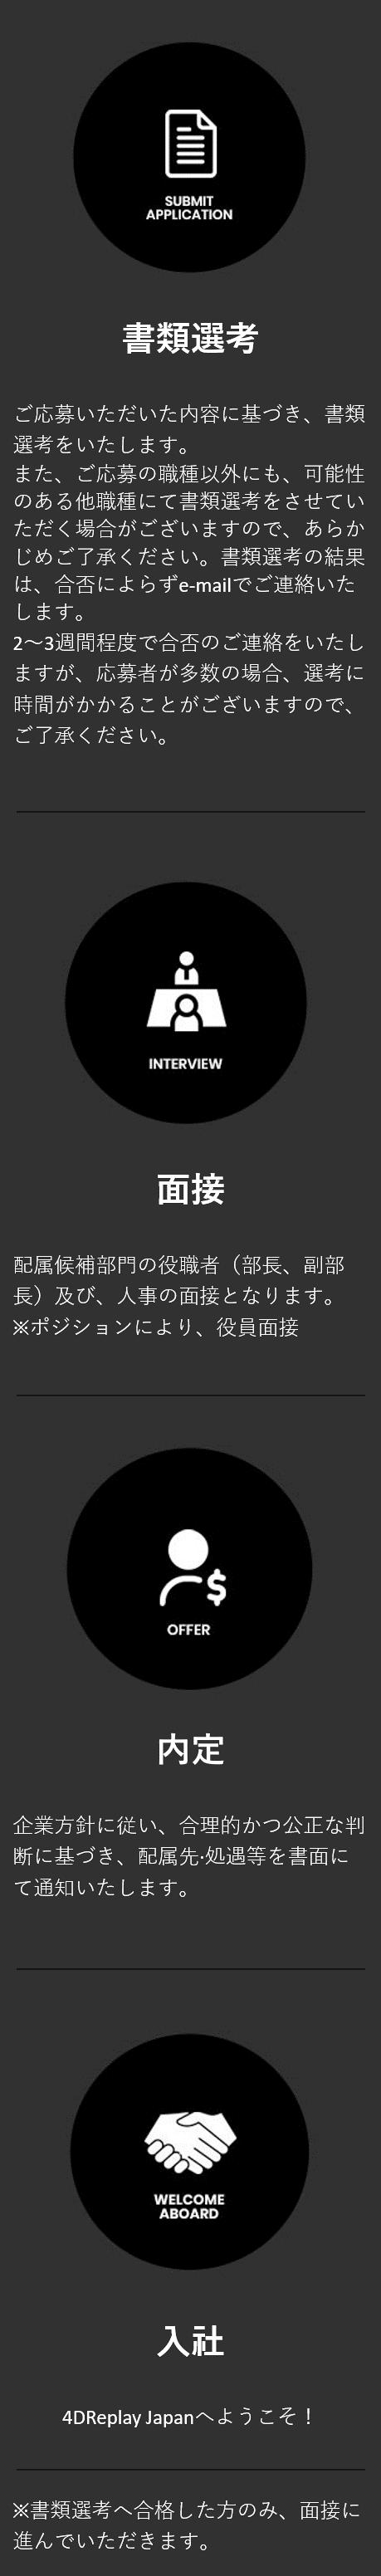 career_process_mobile_jp